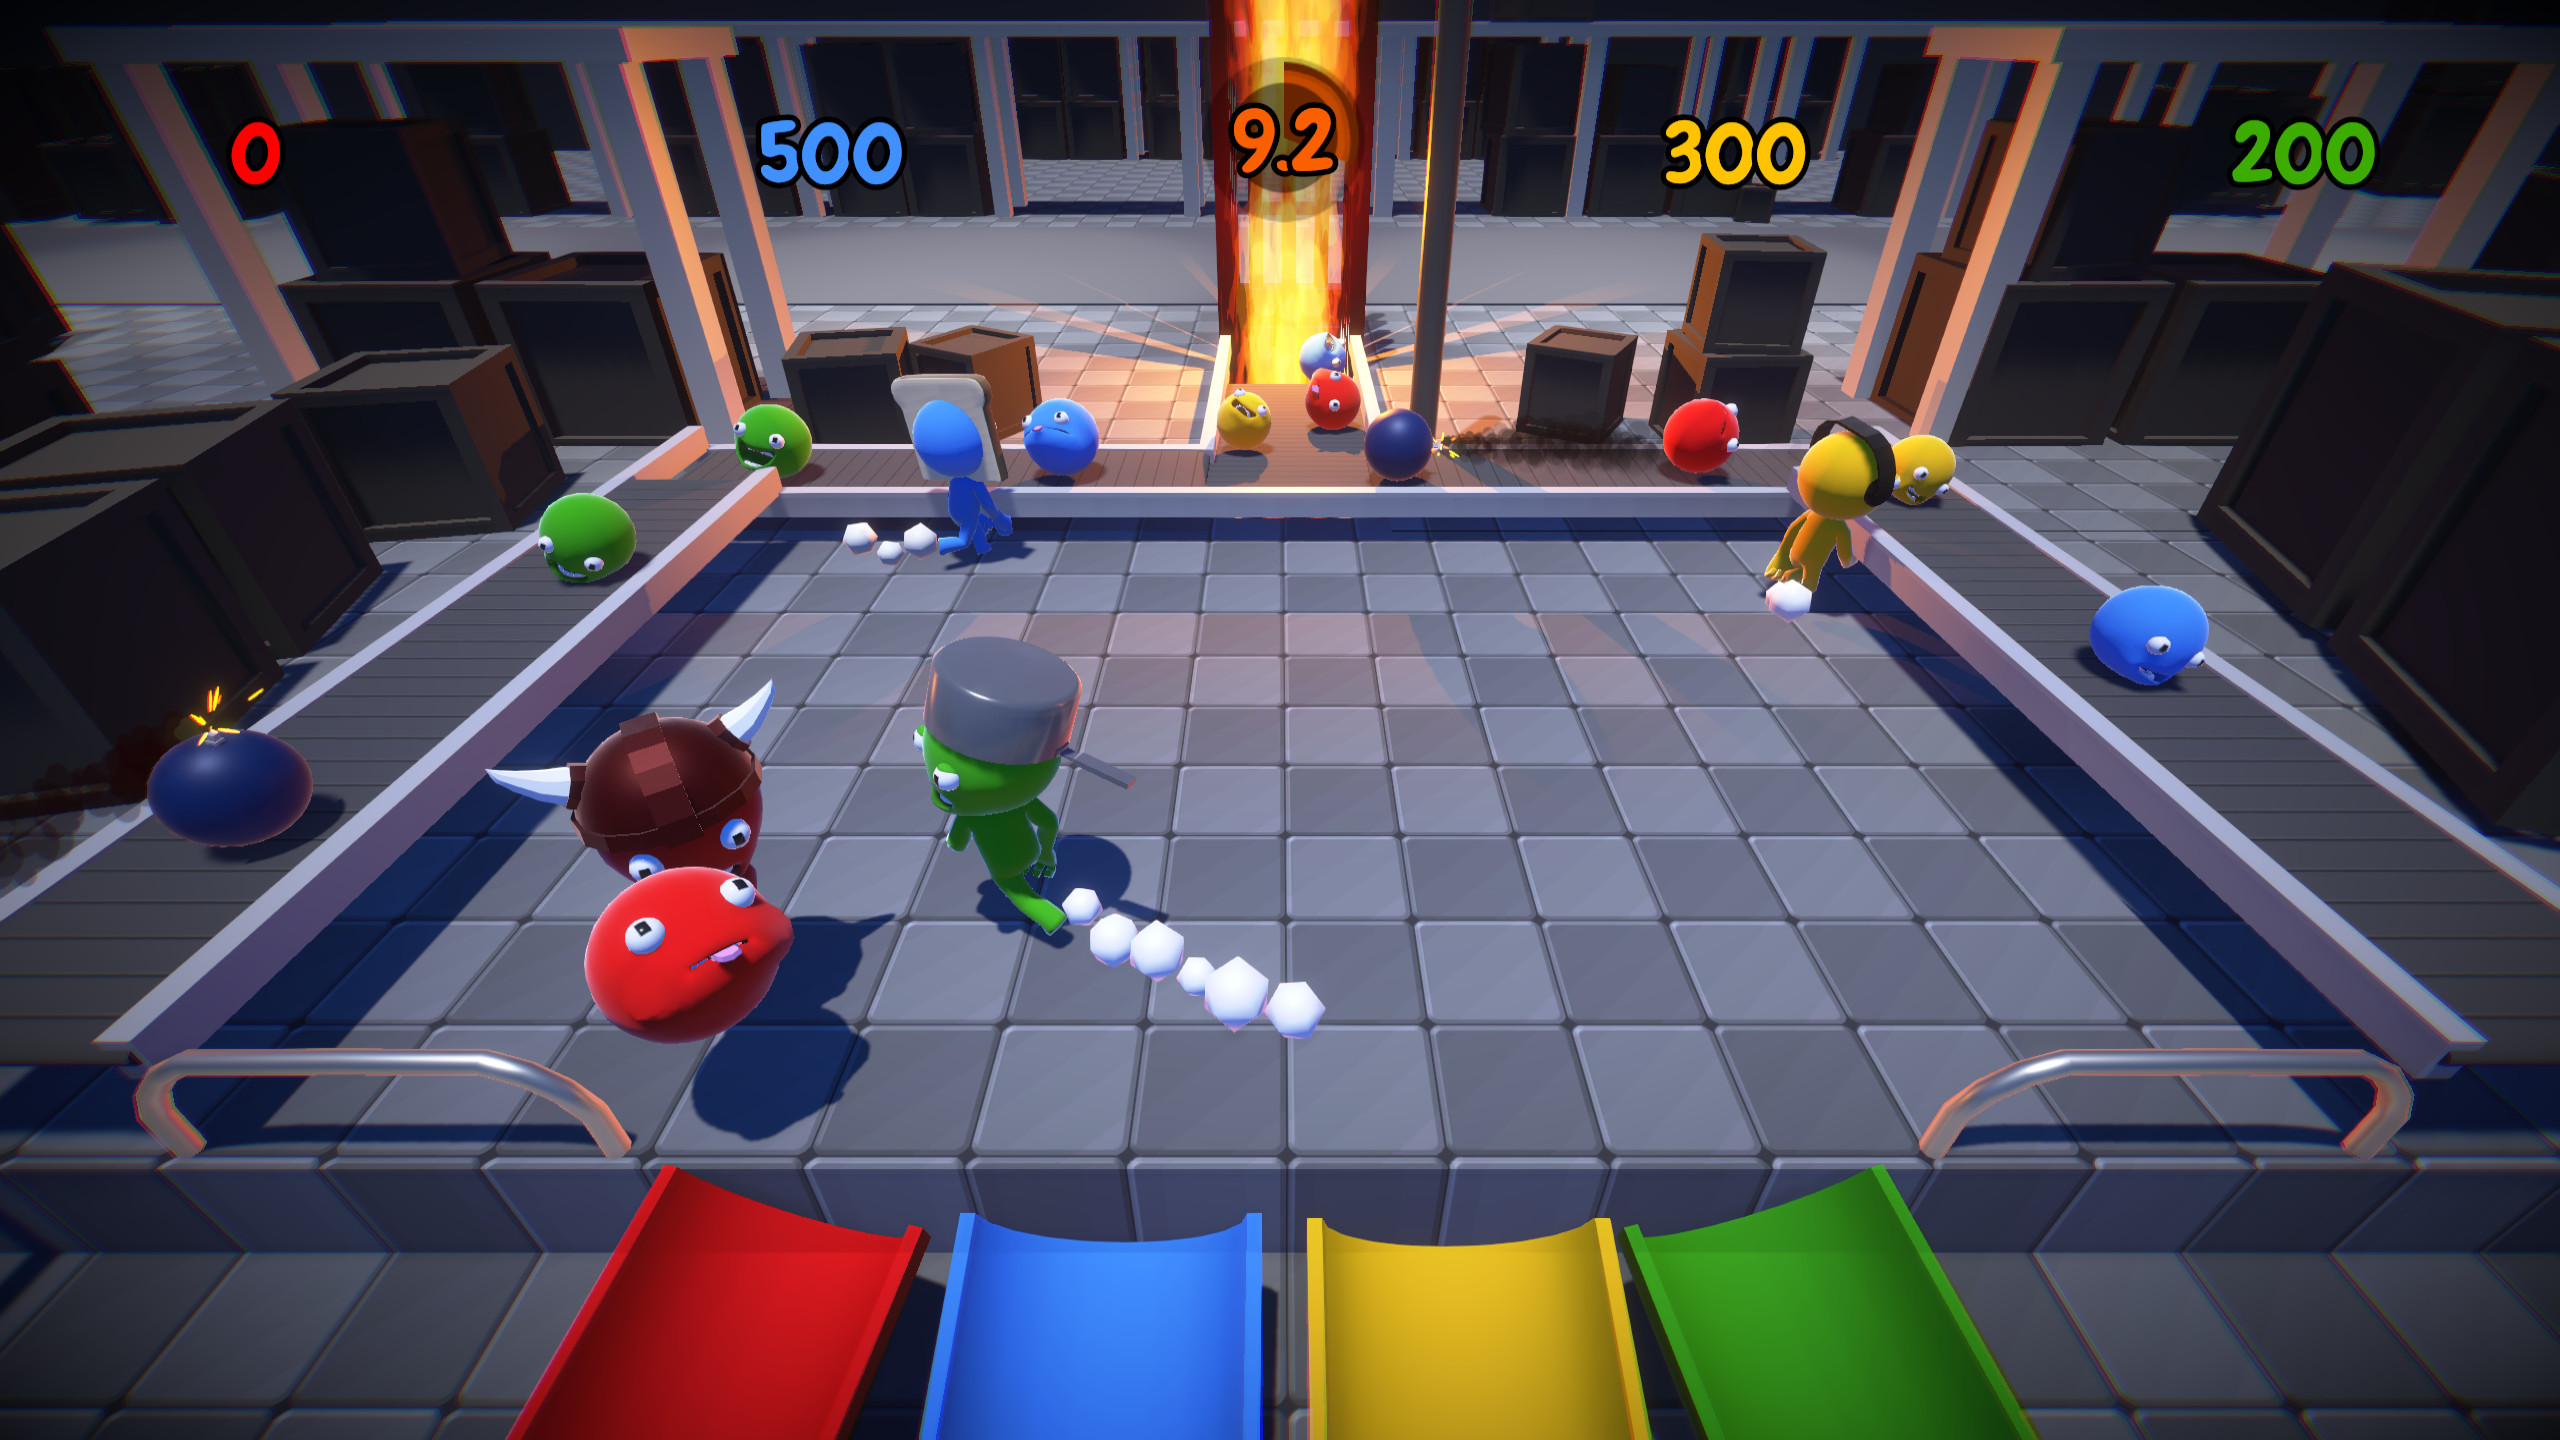 لعبة party panic للكمبيوتر من ميديا فاير